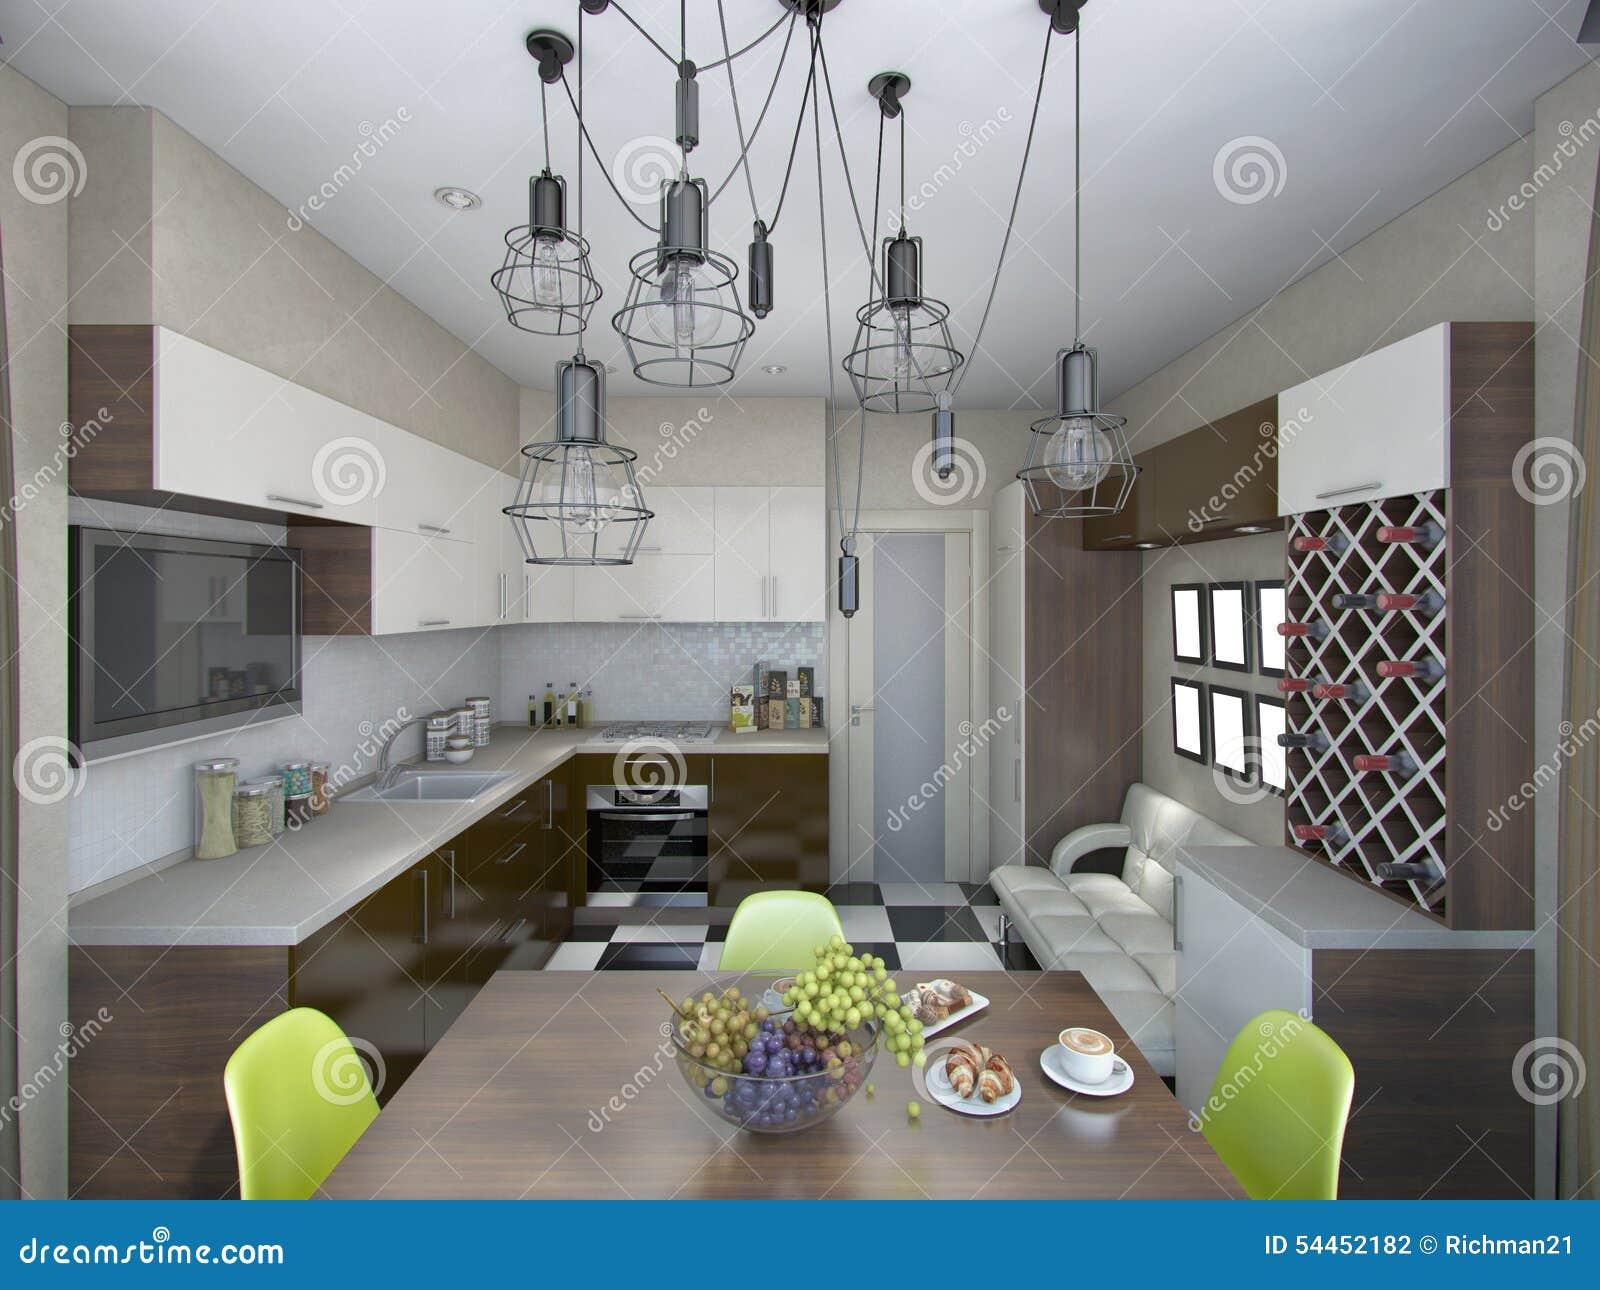 Illustrazione 3d Della Cucina Moderna Nei Toni Marroni E Beige ...